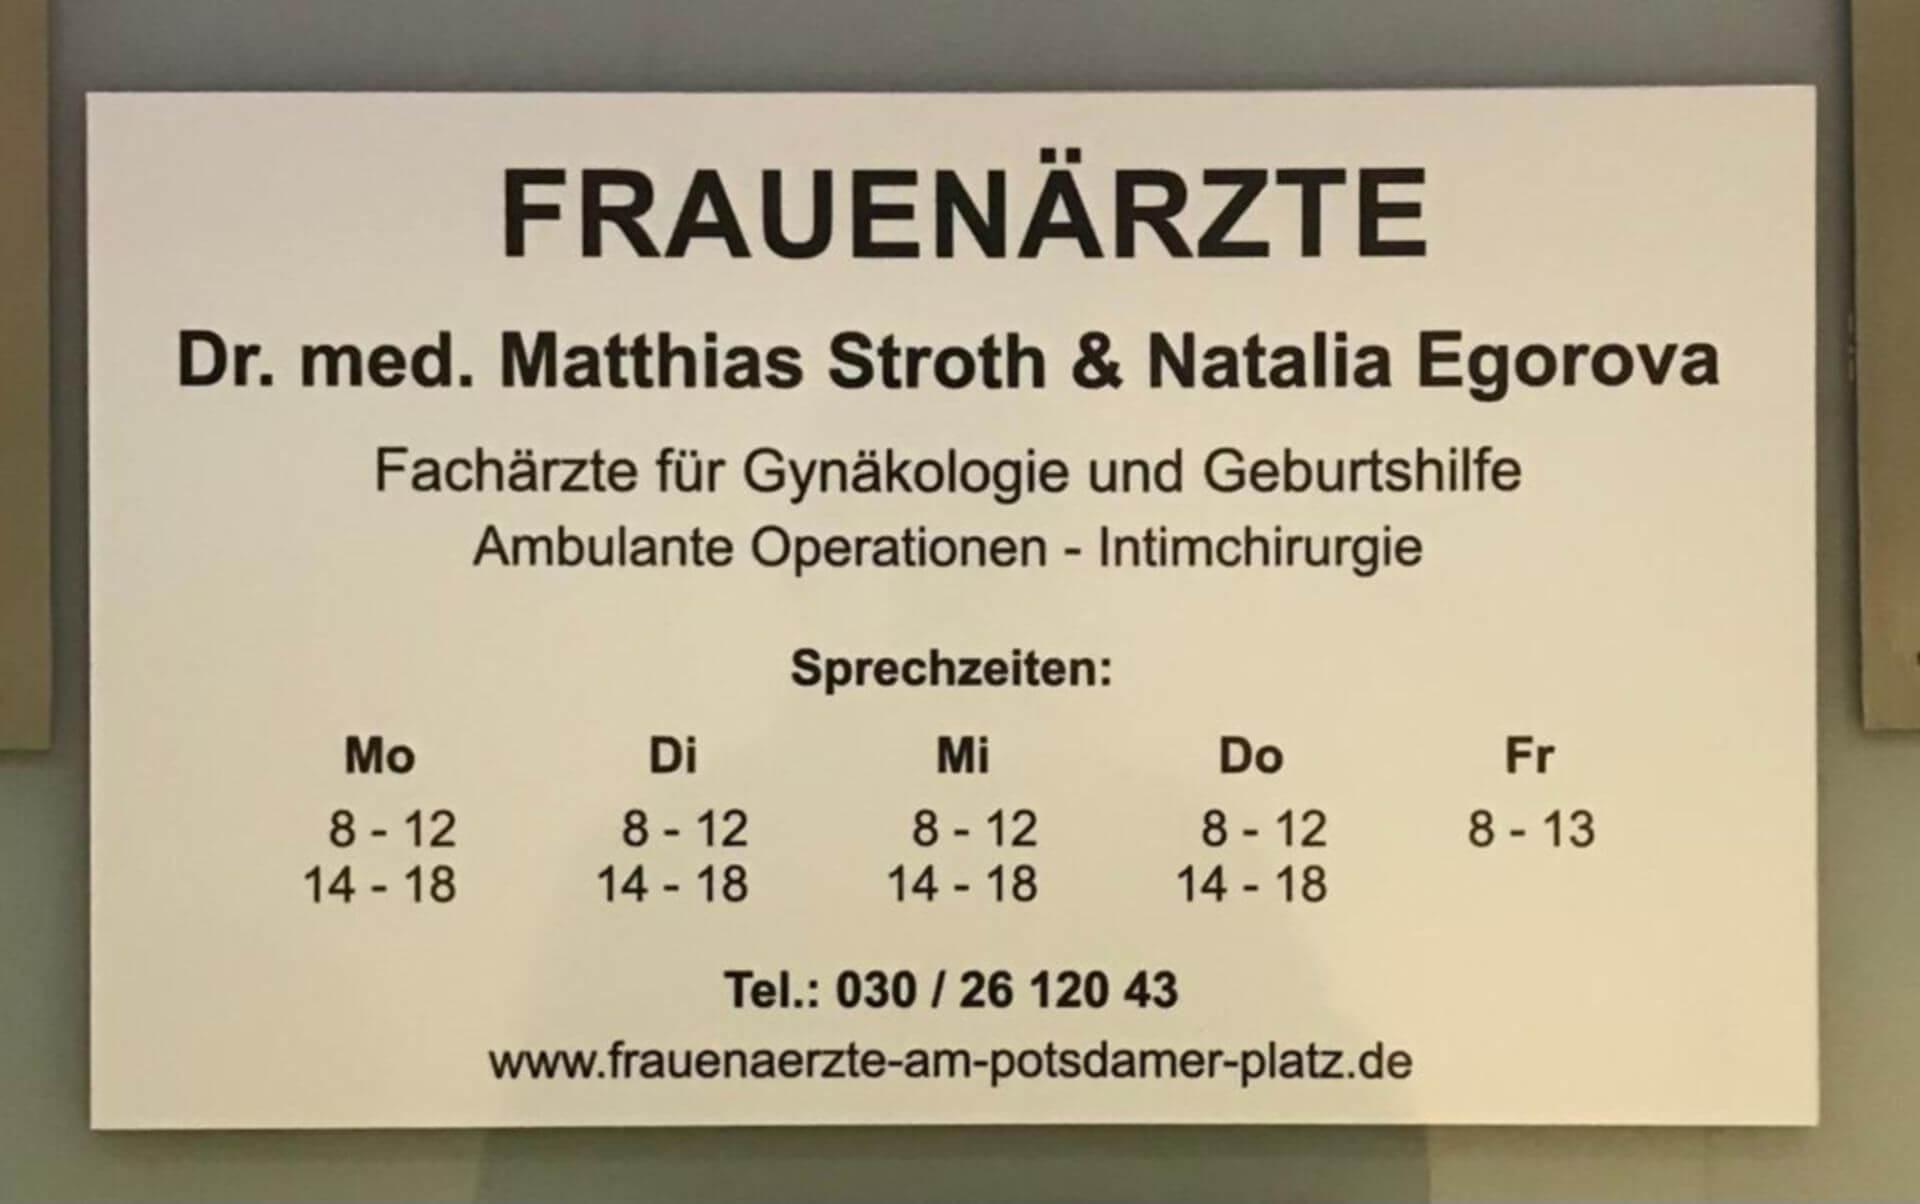 Kupferspirale oder Hormonspirale bei Frauenärztin und Frauenarzt in Berlin mit grosser Erfahrung